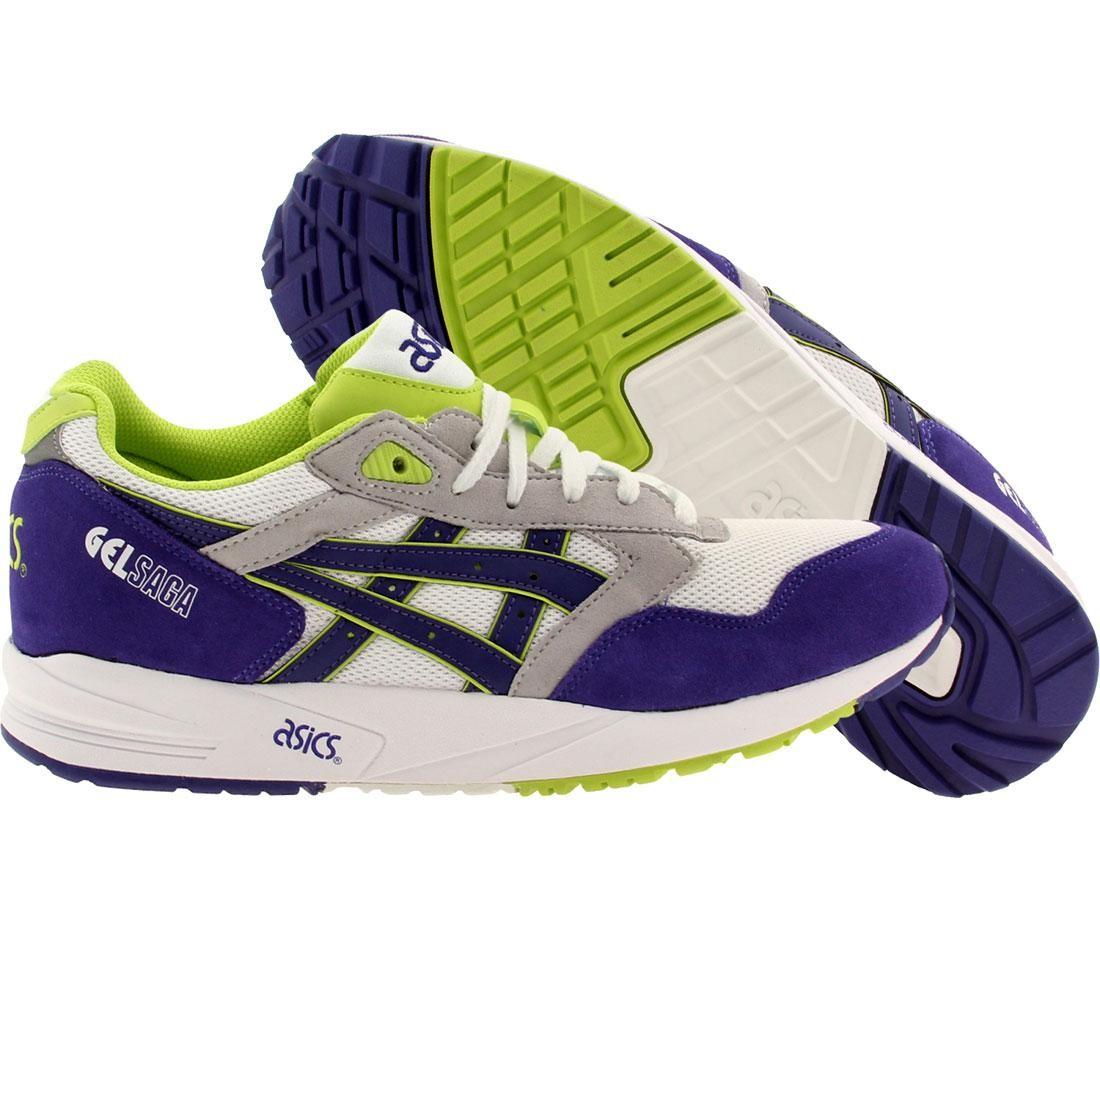 【海外限定】アシックス 靴 メンズ靴 【 ASICS TIGER MEN GEL SAGA WHITE DARK BLUE 】